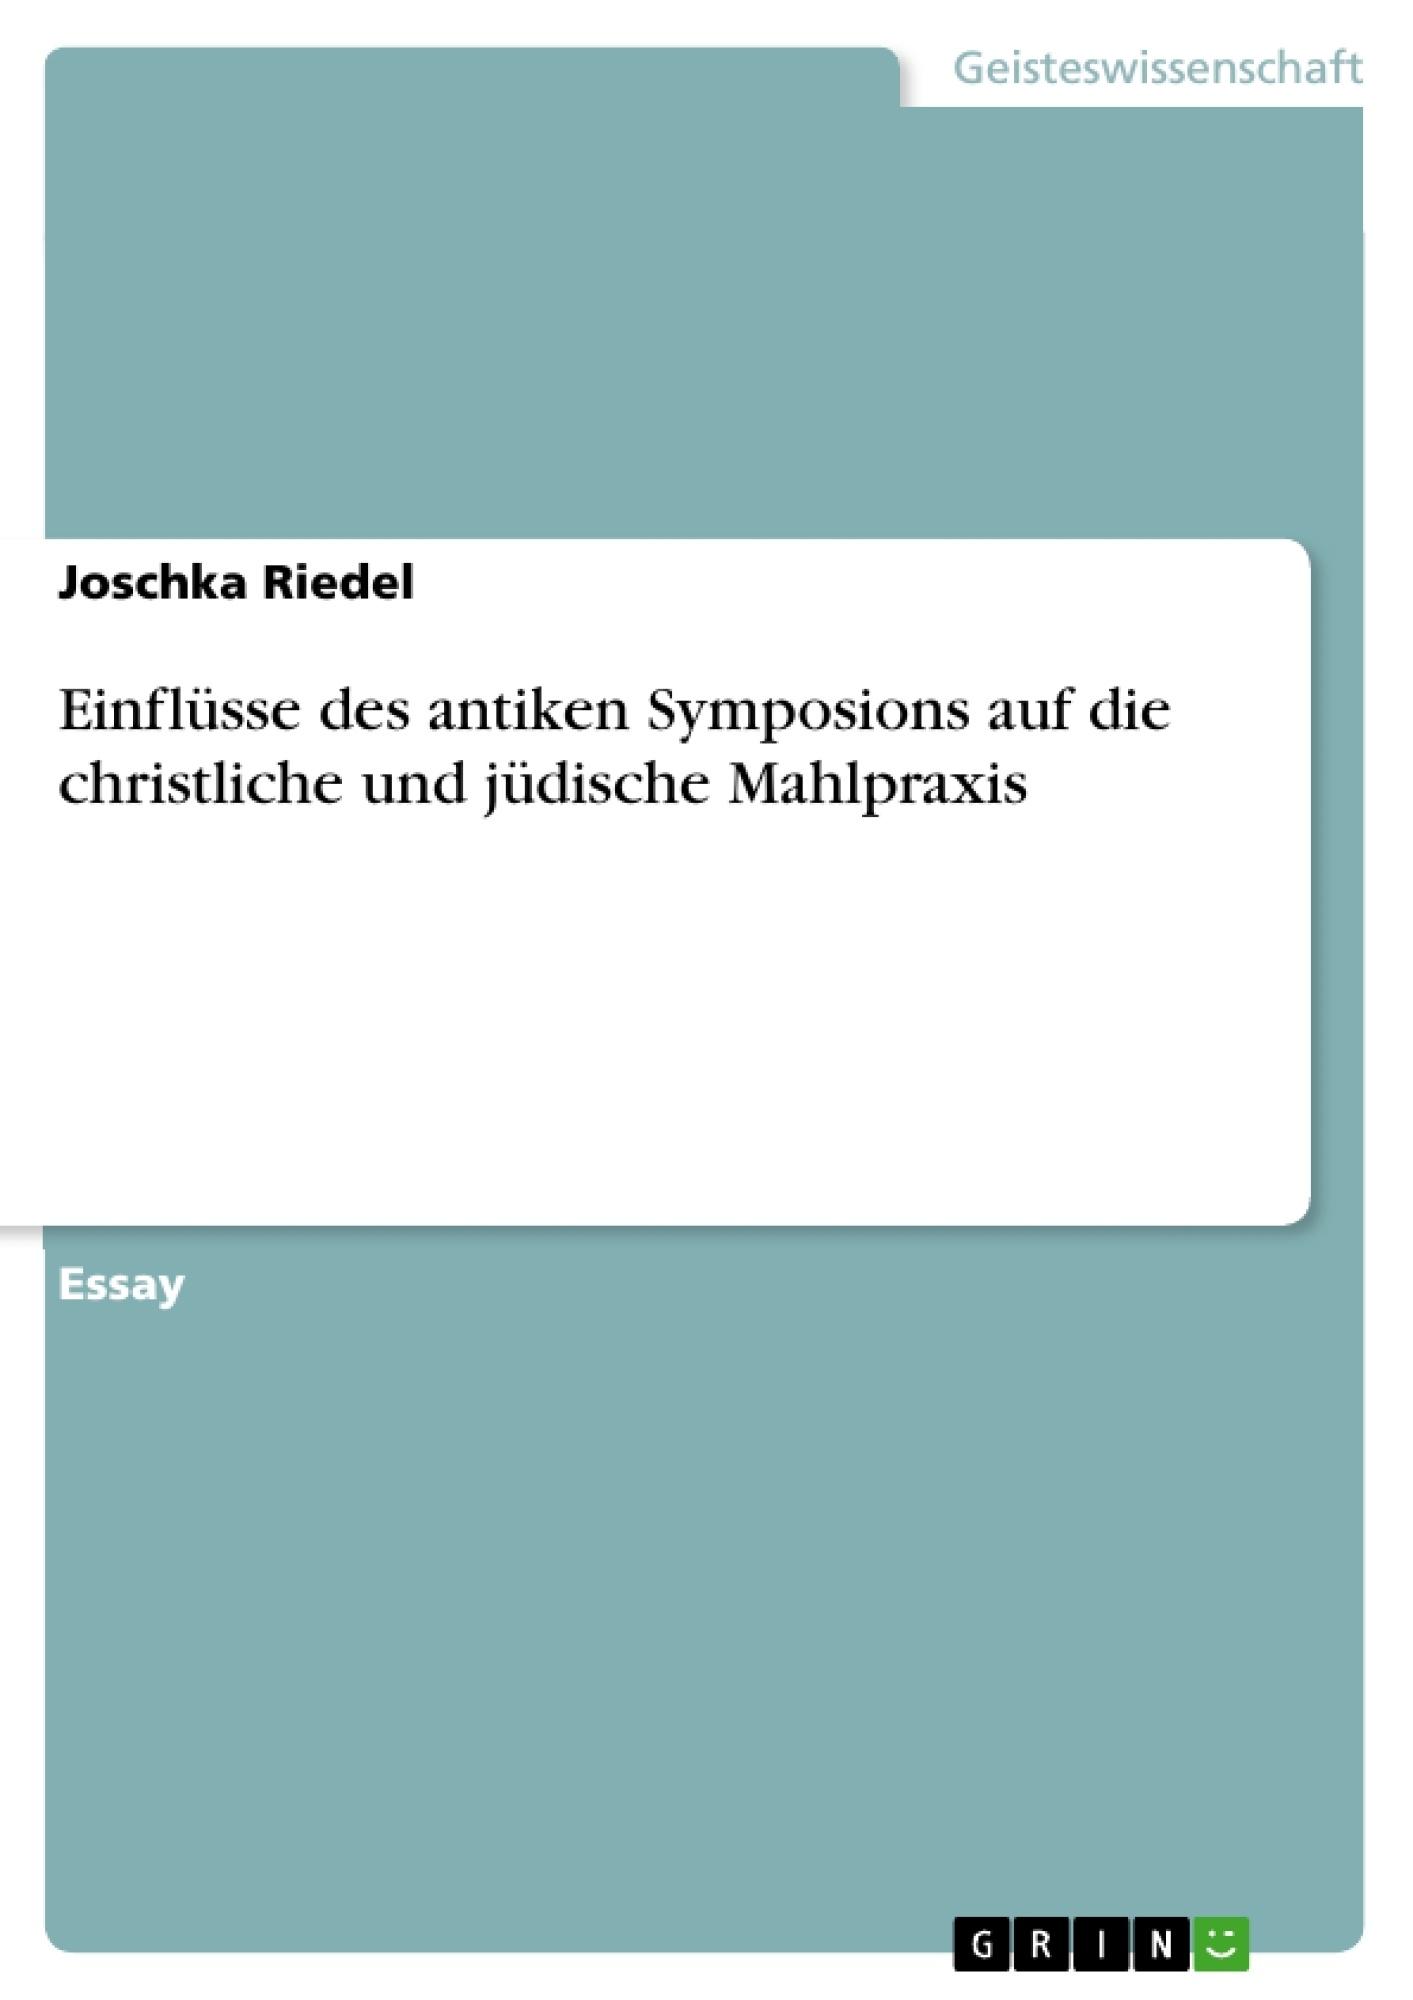 Titel: Einflüsse des antiken Symposions auf die christliche und jüdische Mahlpraxis